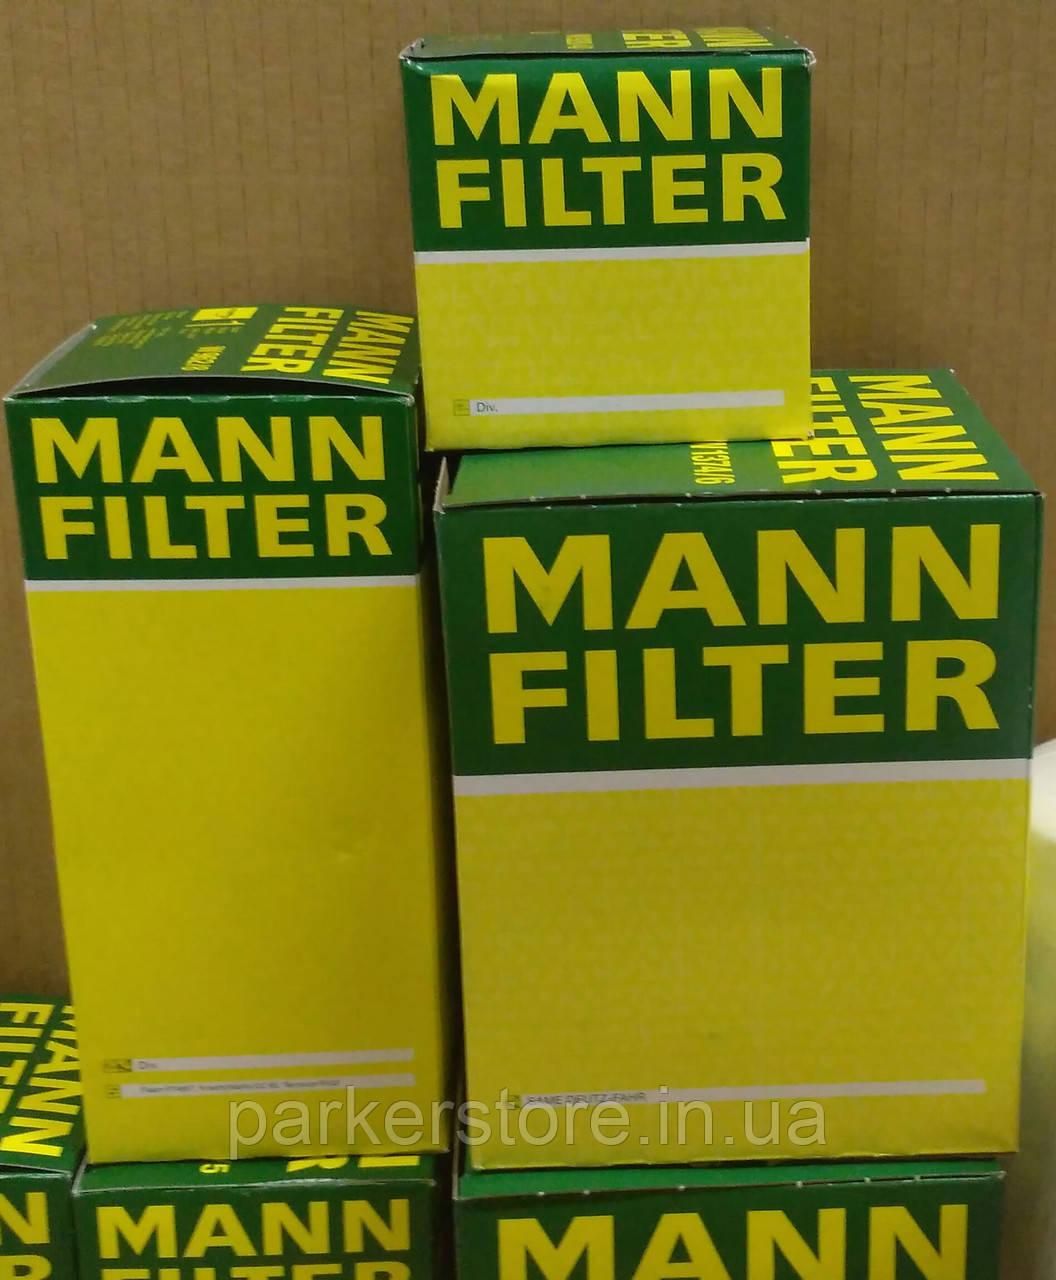 MANN FILTER / Повітряний фільтр / C 24 135 / C24135